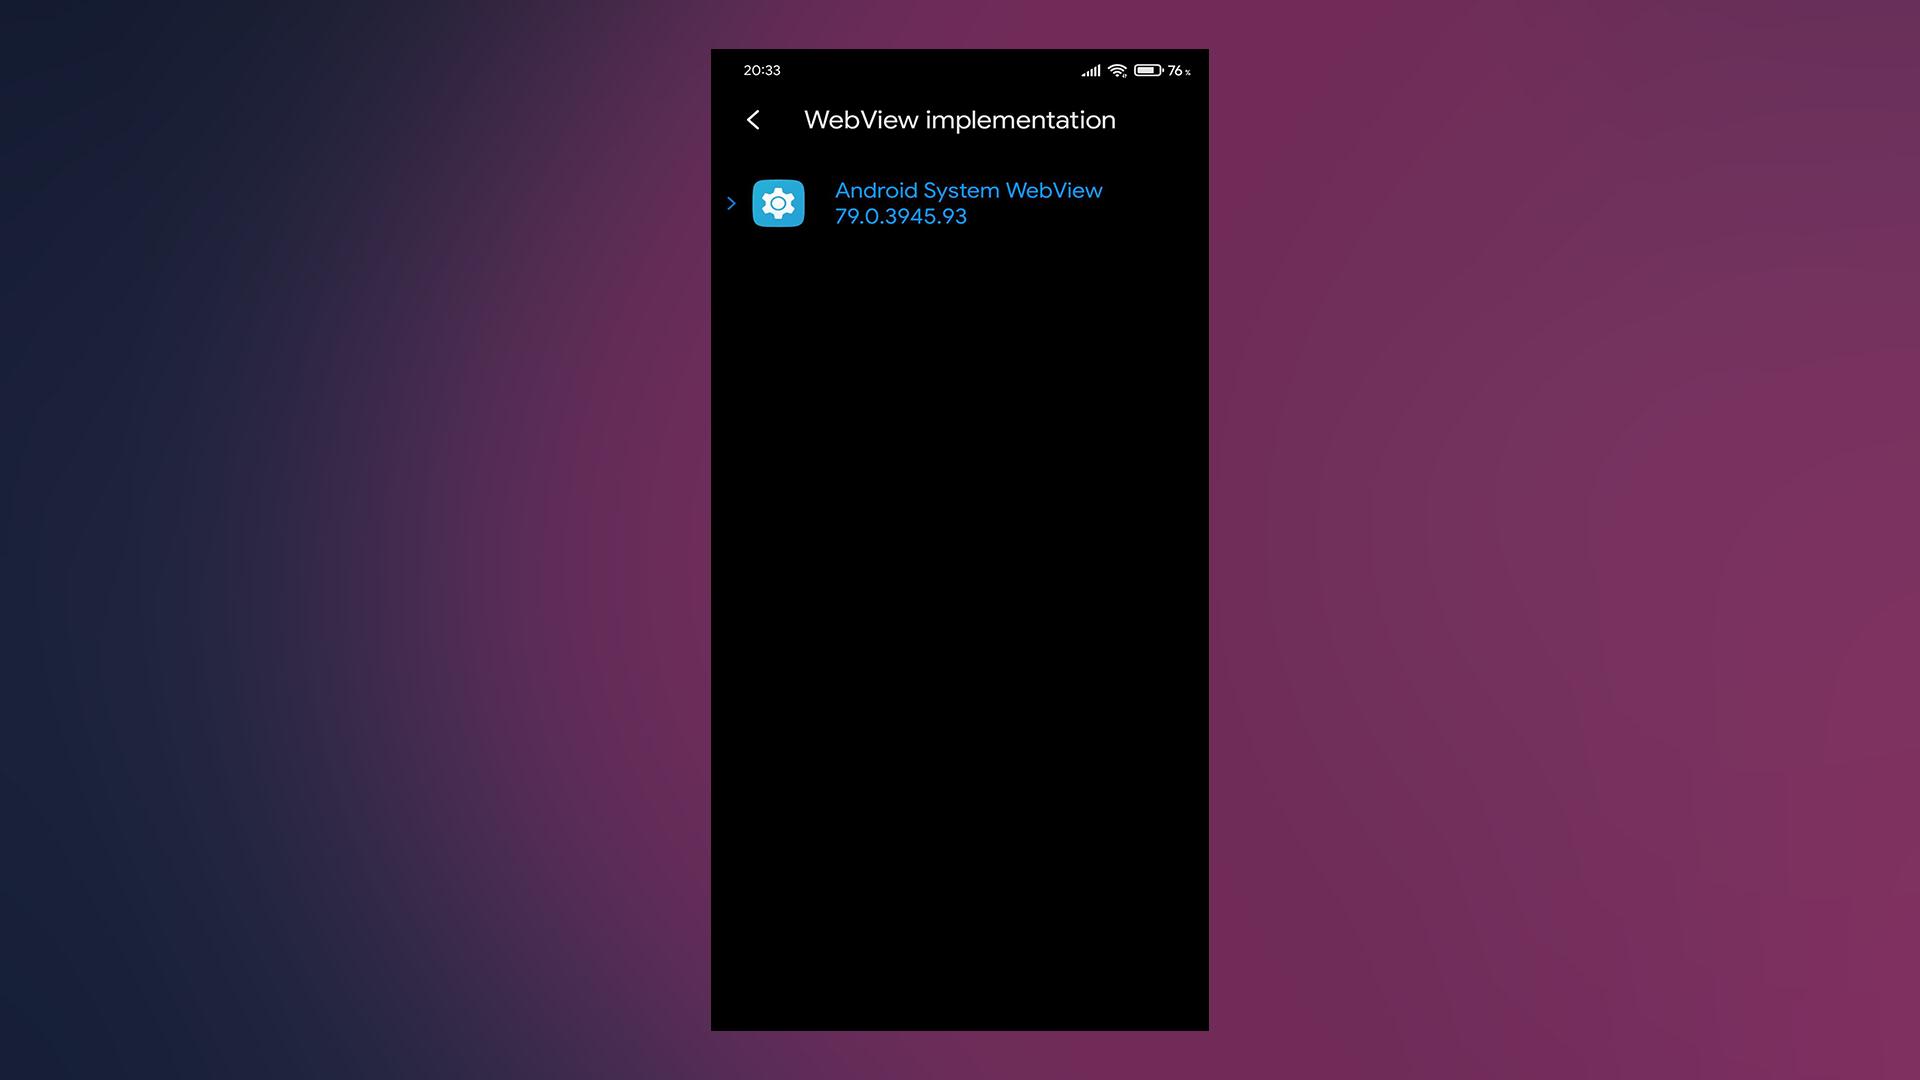 Android System WebView là gì và bạn có nên tắt nó không? 2